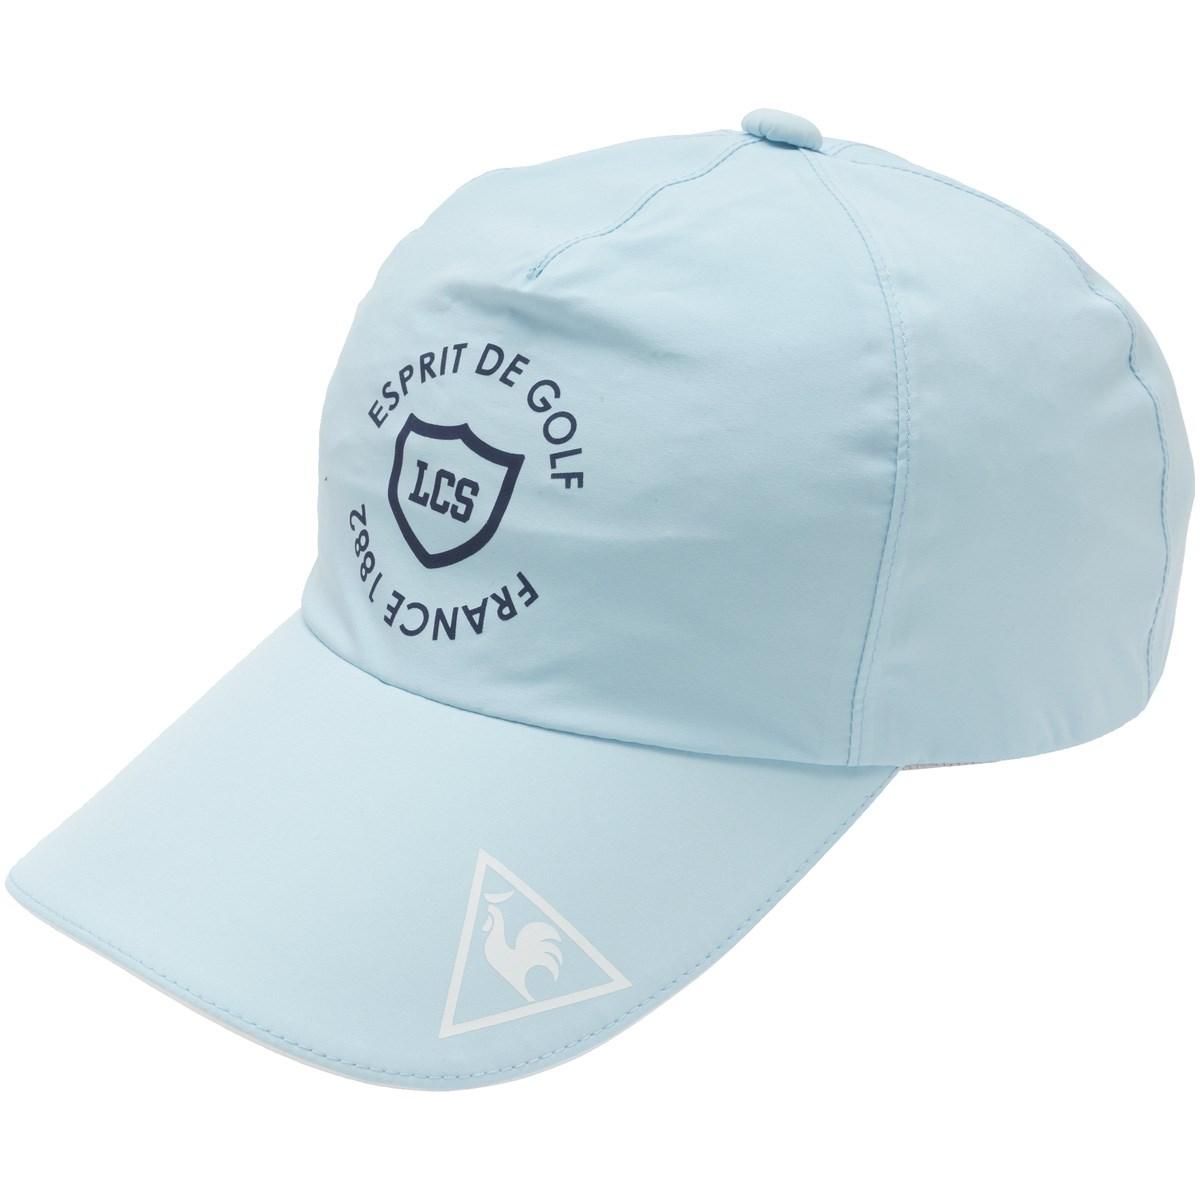 ルコックゴルフ Le coq sportif GOLF レインキャップ フリー ブルー 00 レディス